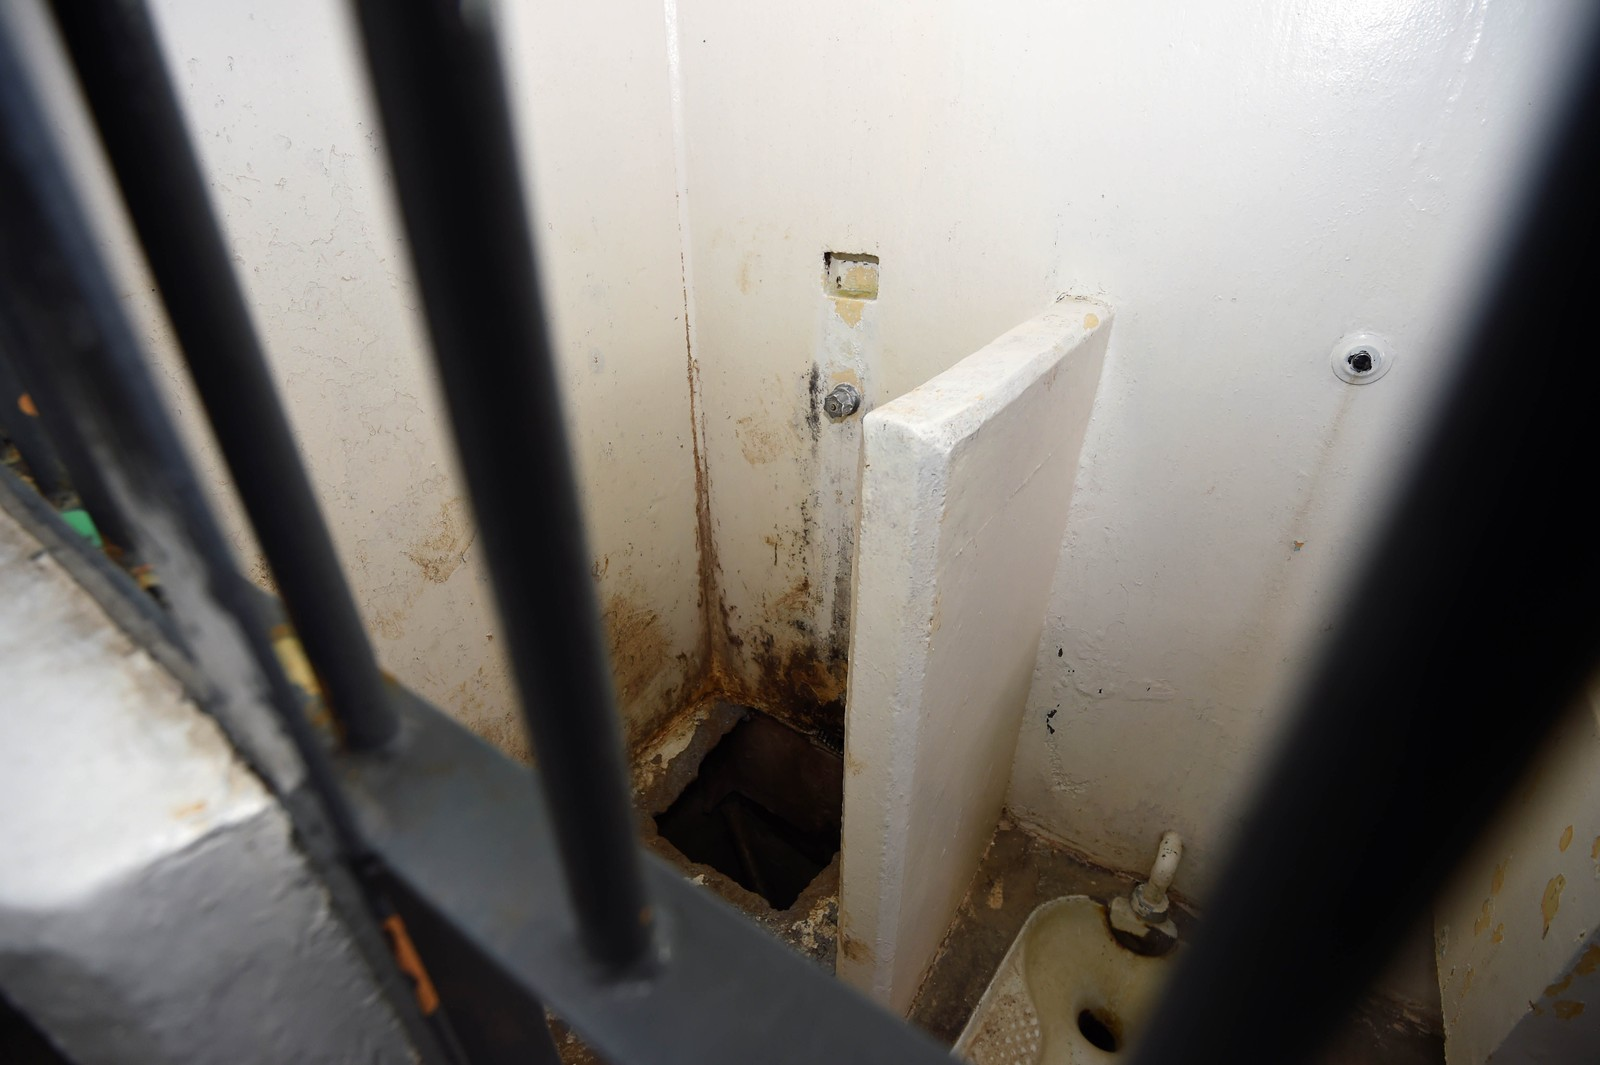 Guzman forsvant trolig ned i et hull i dusjgulvet. Det tok minst 20 minutter før noen slo alarm.